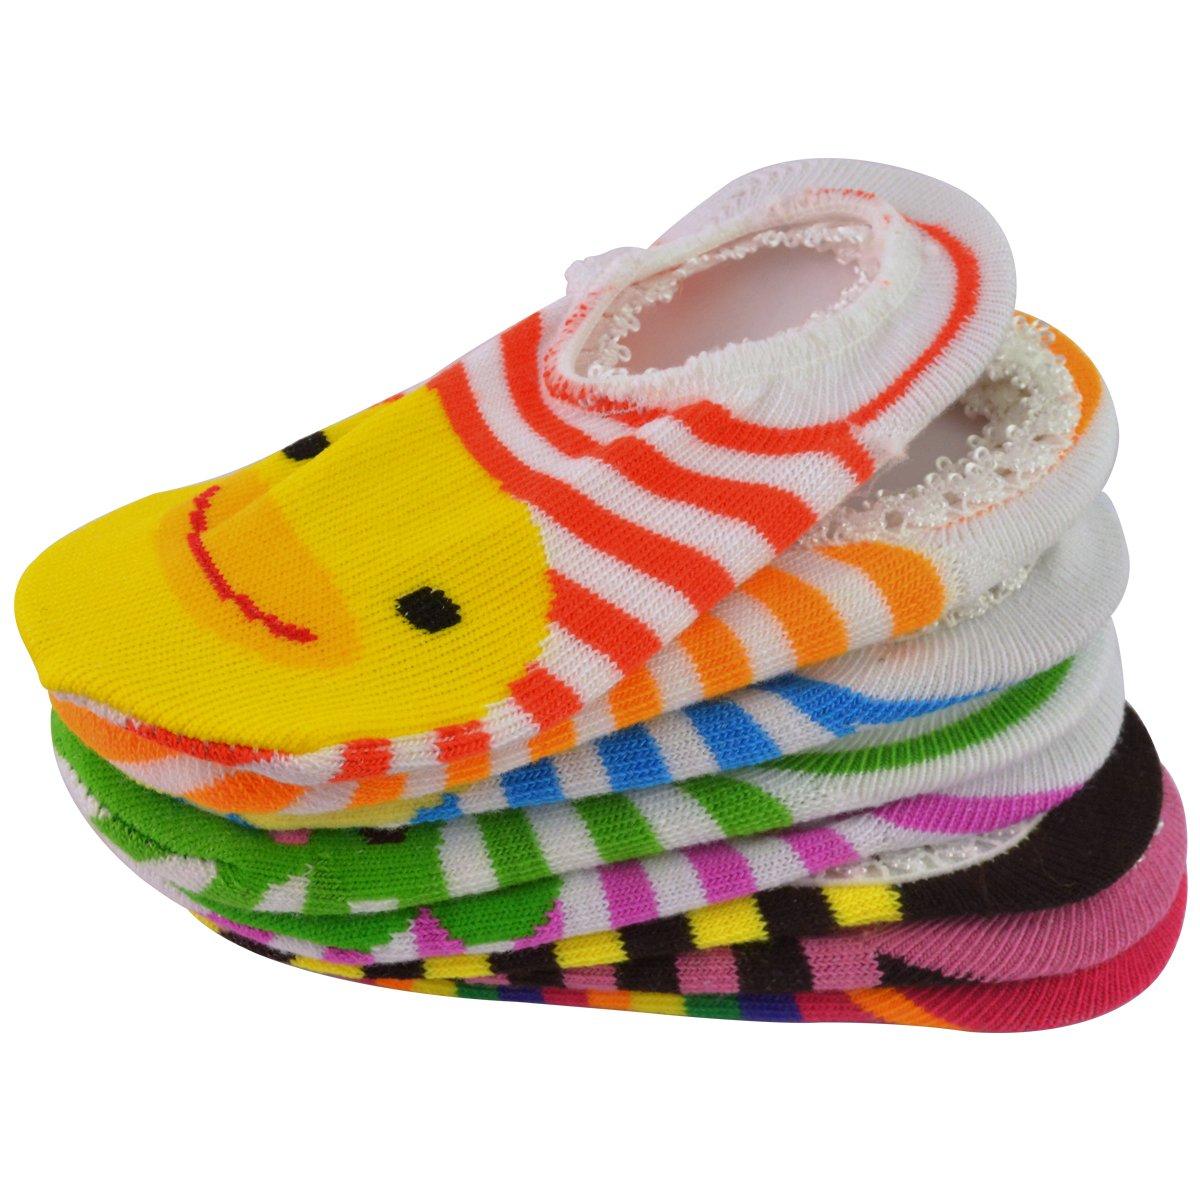 6 Pairs Anti-slip Baby Socks Gift Bangle With bags No Show Newborn Socks SUMERSHA Girls 6-12 Month Cartoon Baby Toddler Anti Slip Skid Low Cut Boat Socks